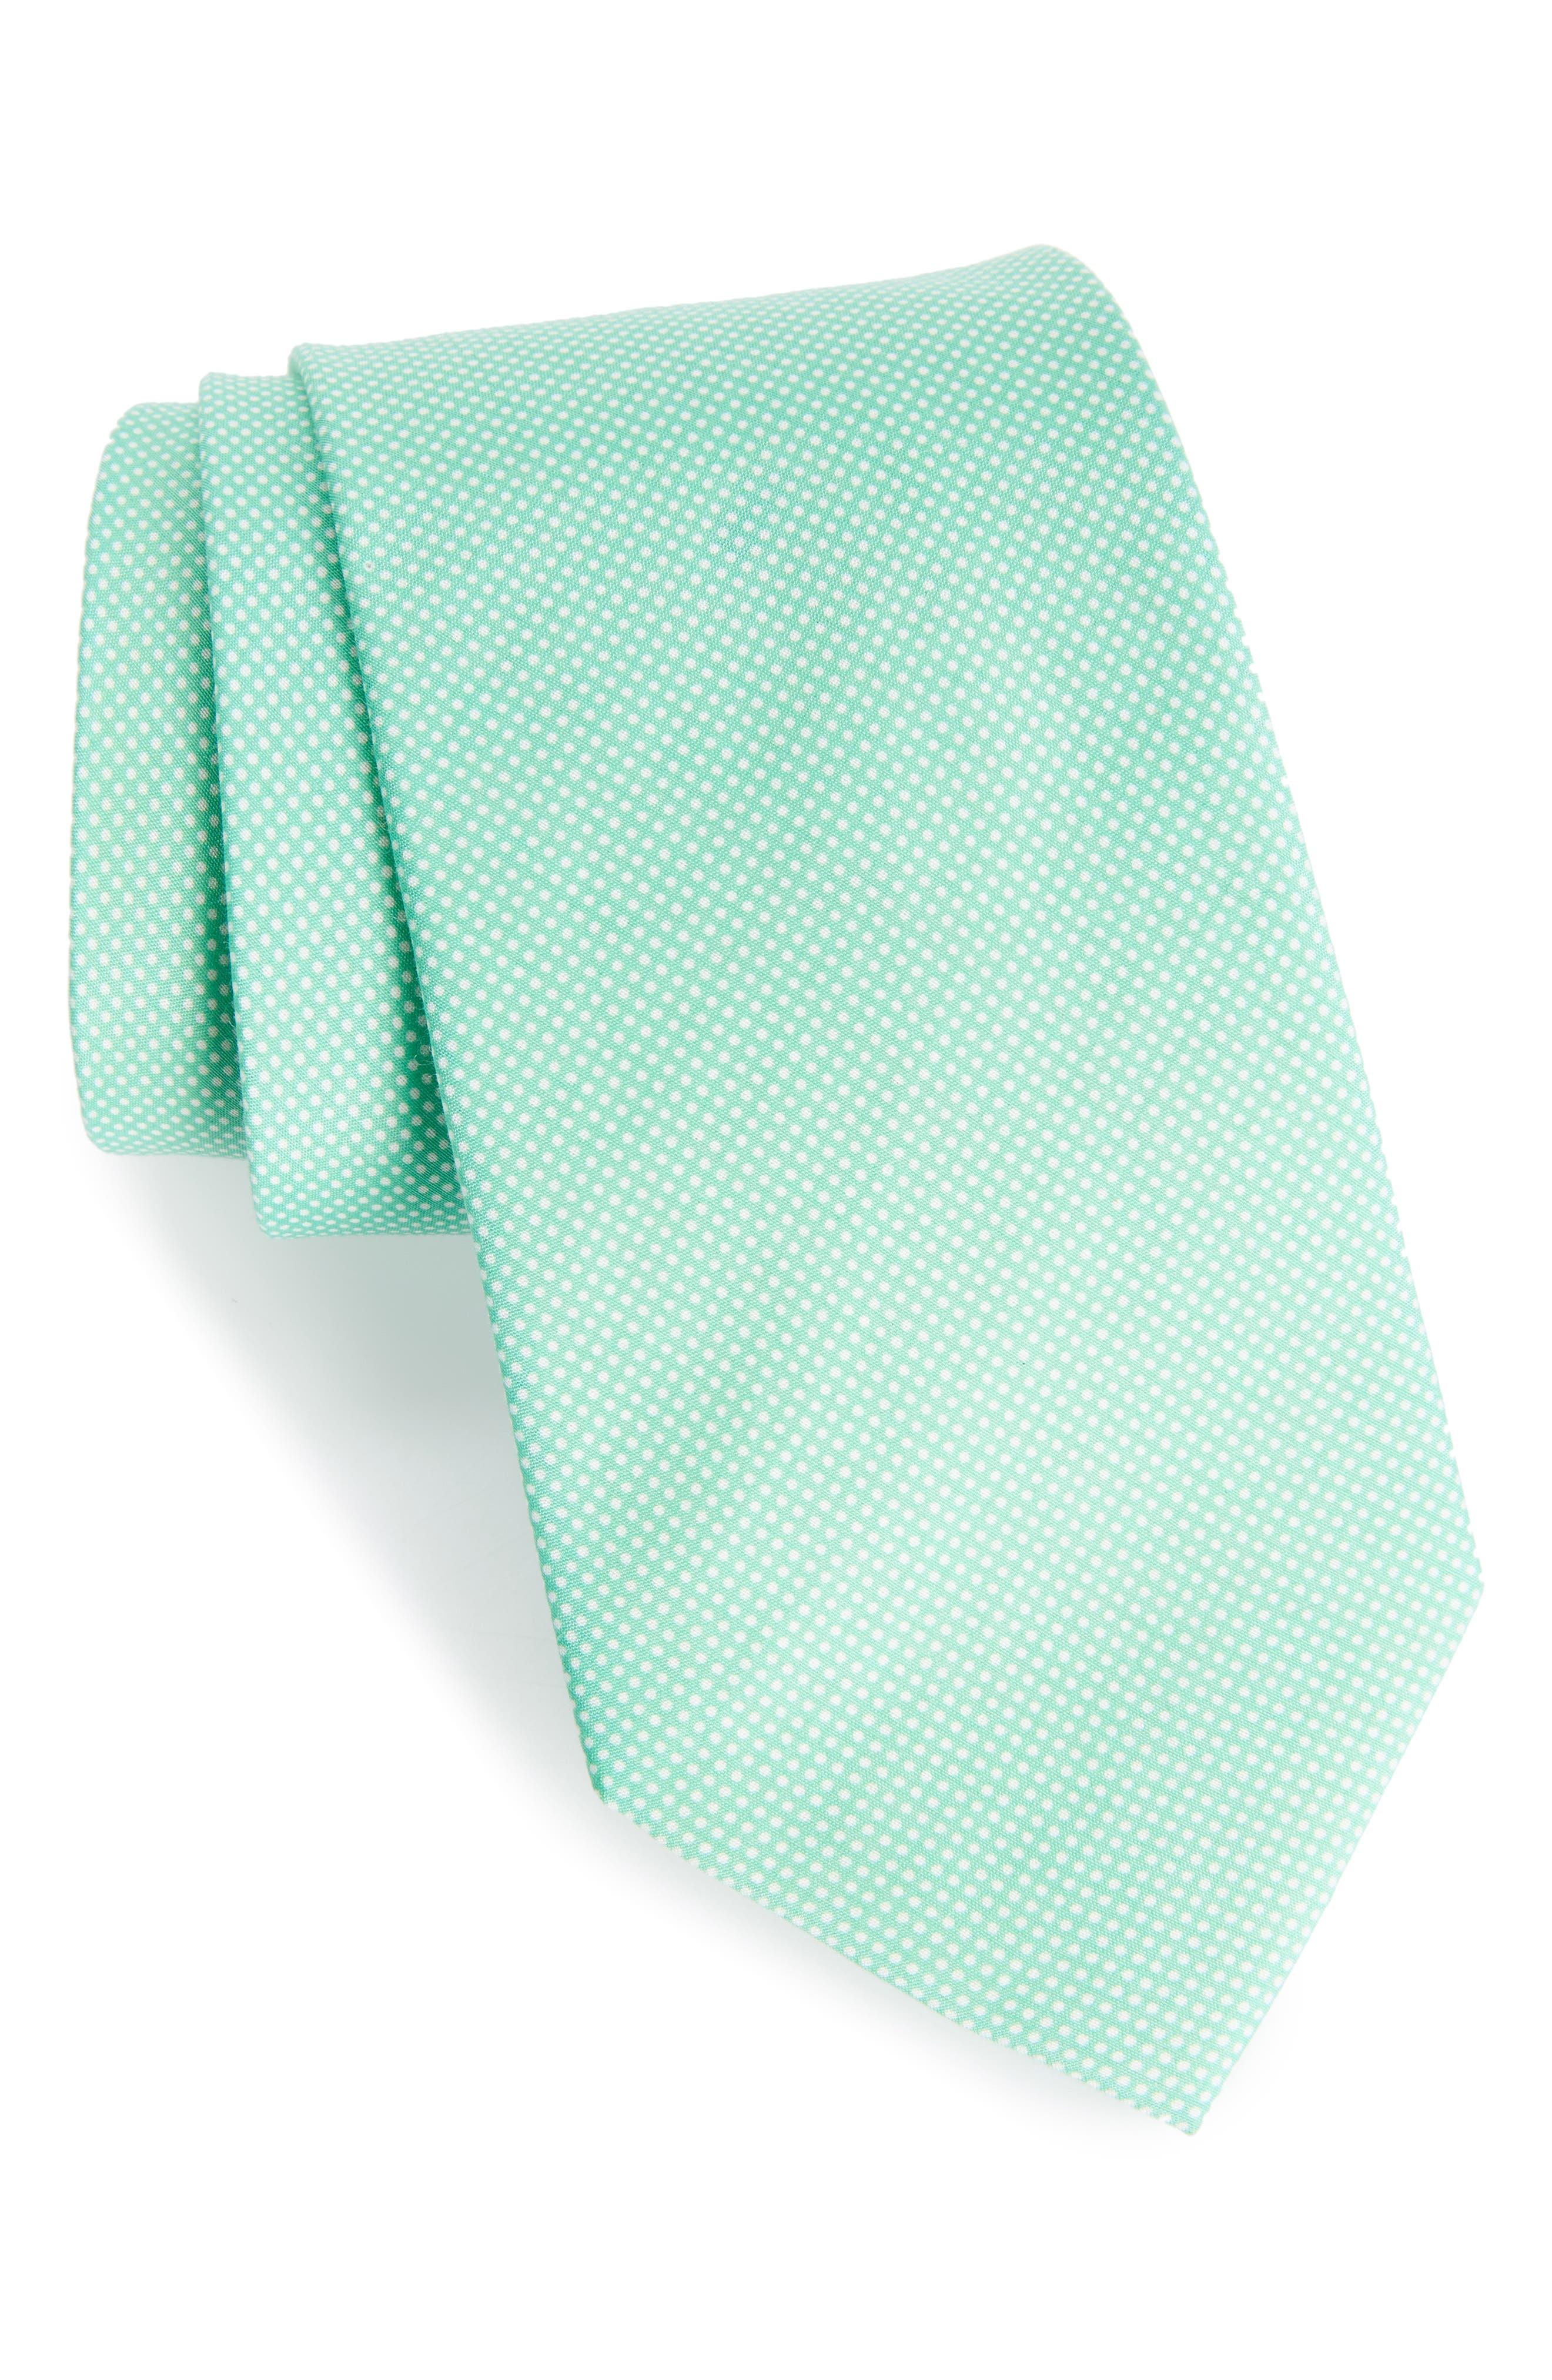 Dapper Dots Cotton & Silk Tie,                         Main,                         color, Green